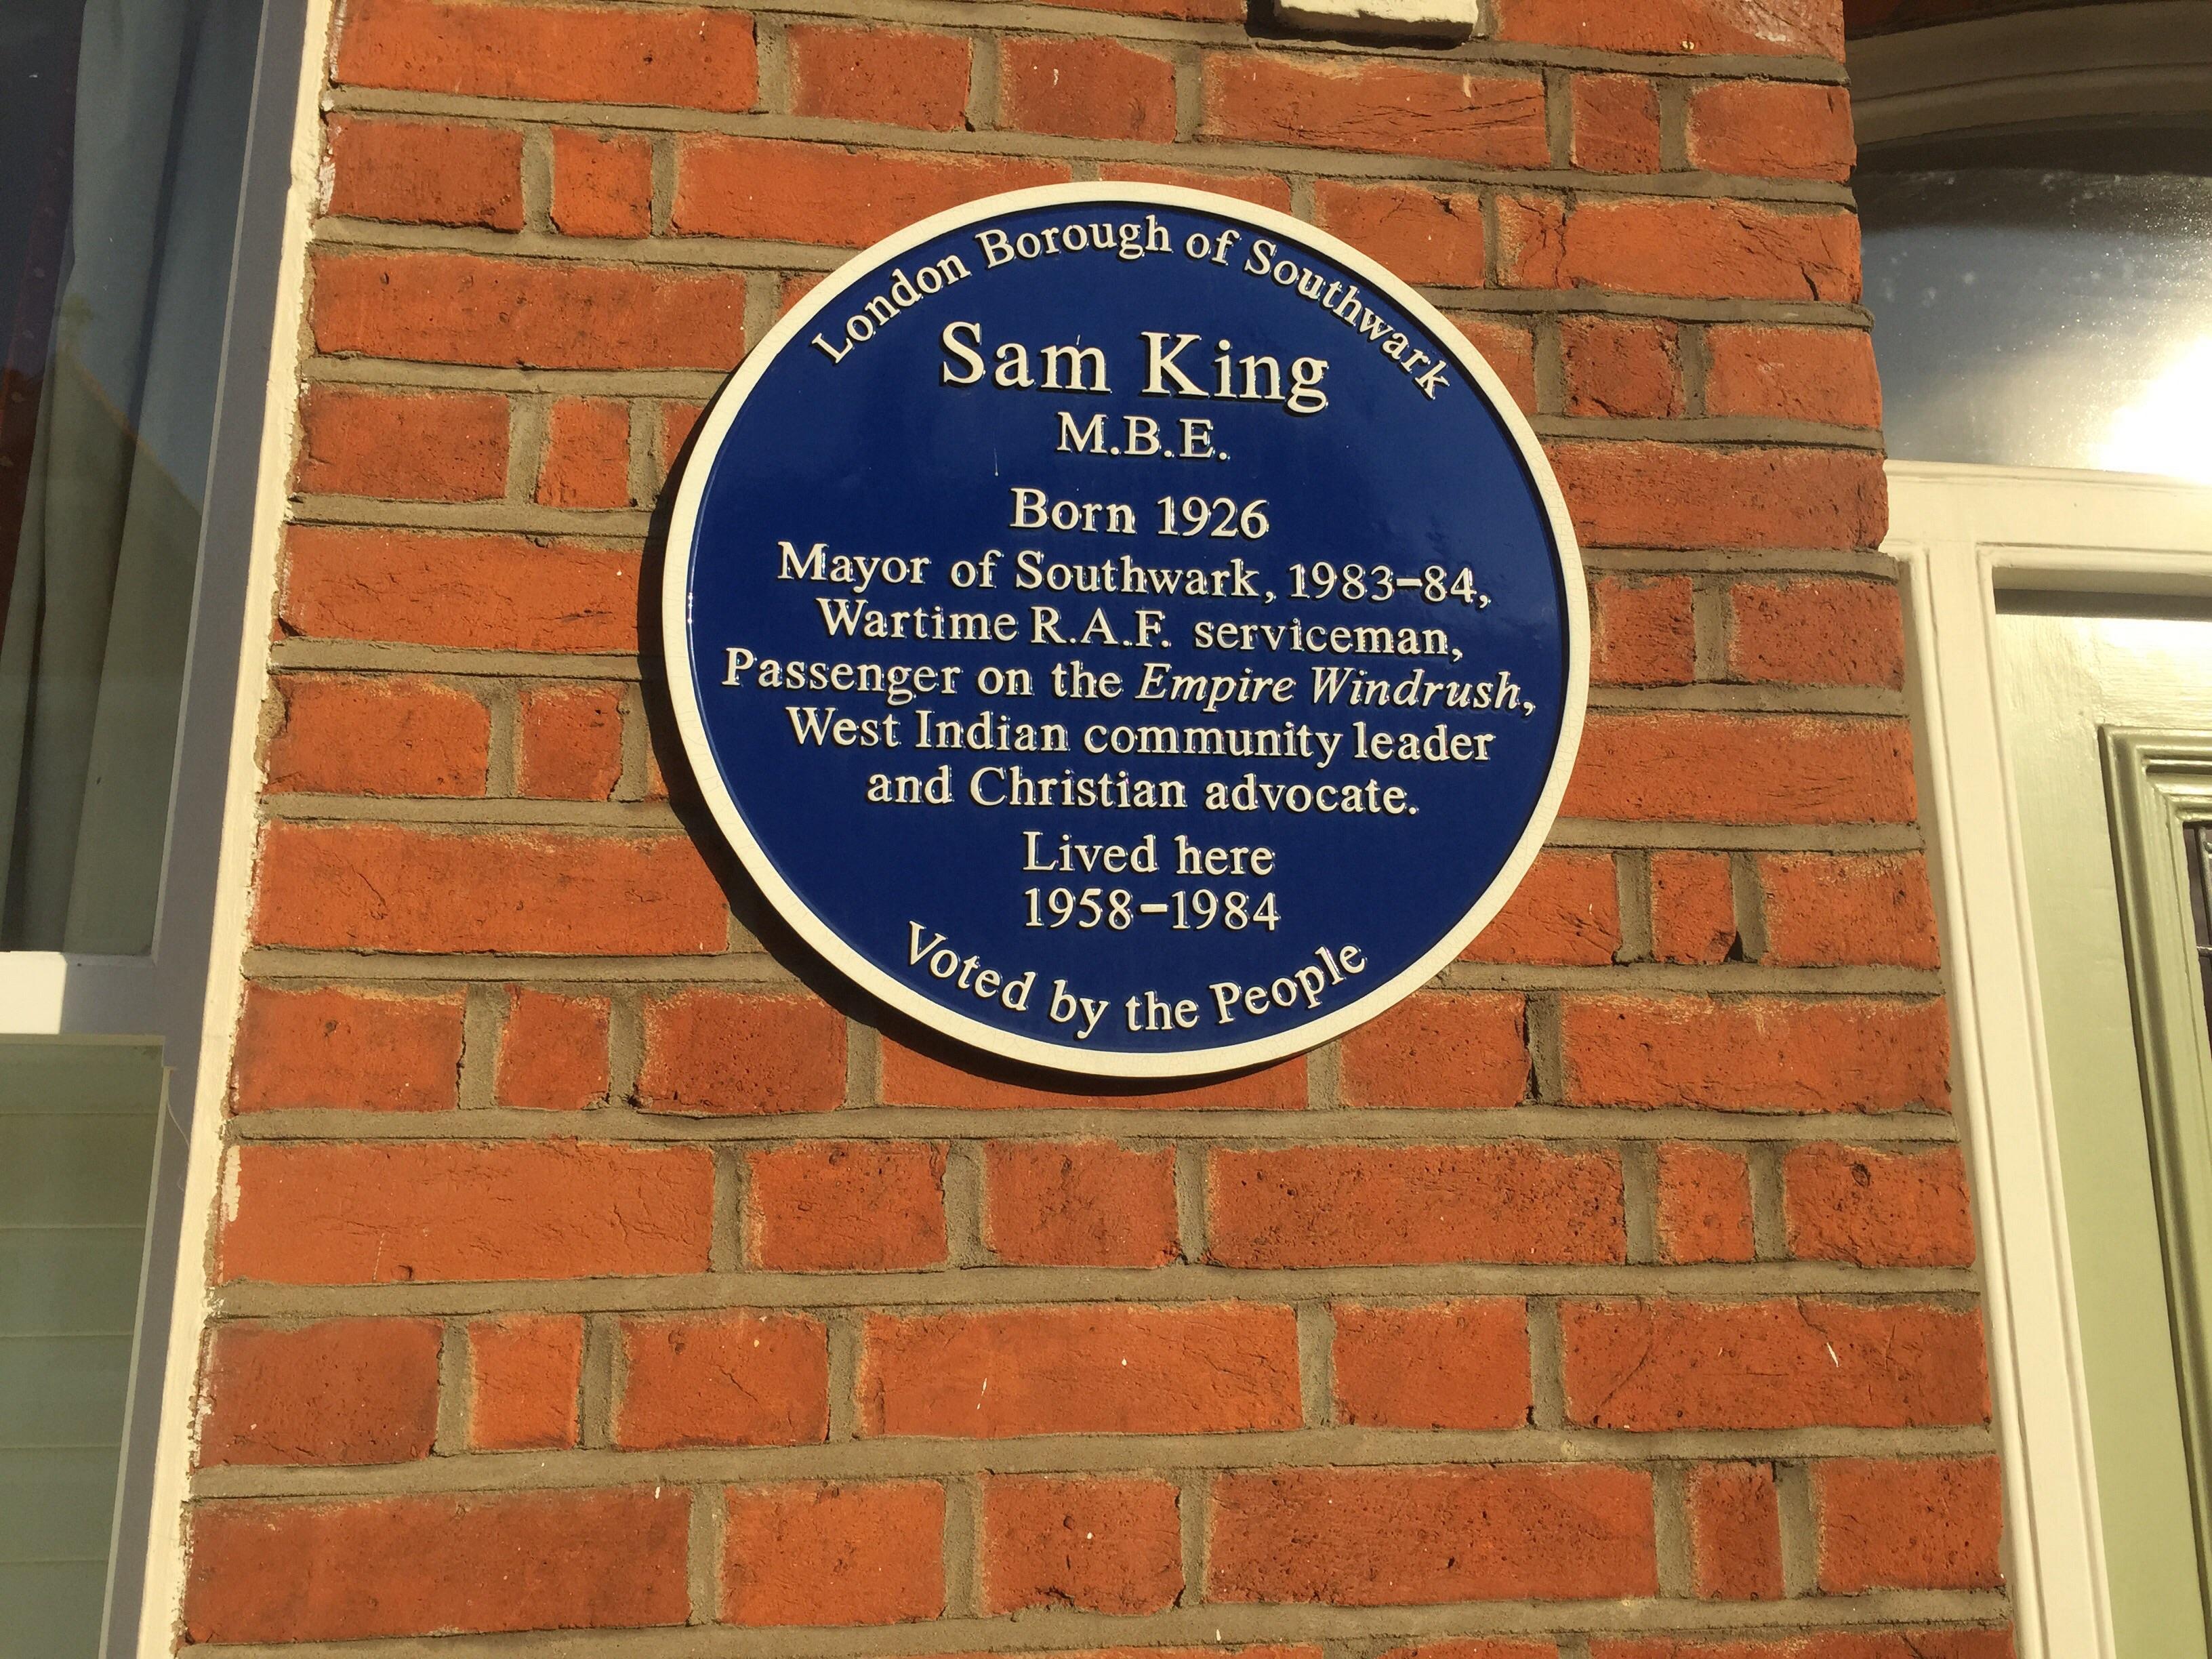 IWM_Sam_King_plaque